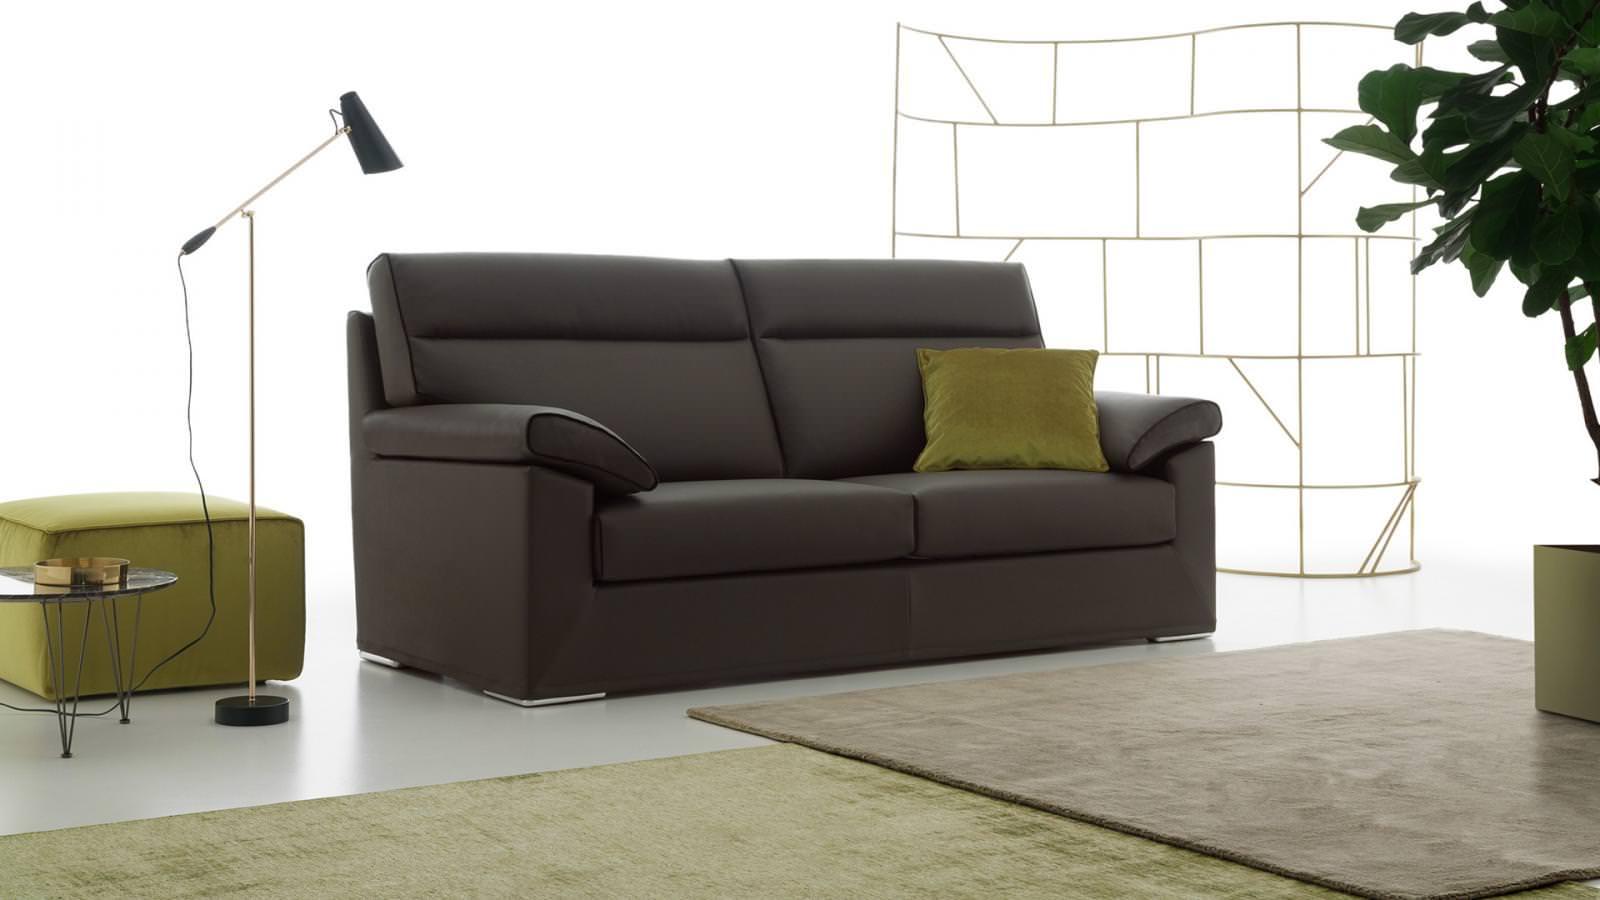 Derlon divani moderni e di design felis for Divani moderni di design